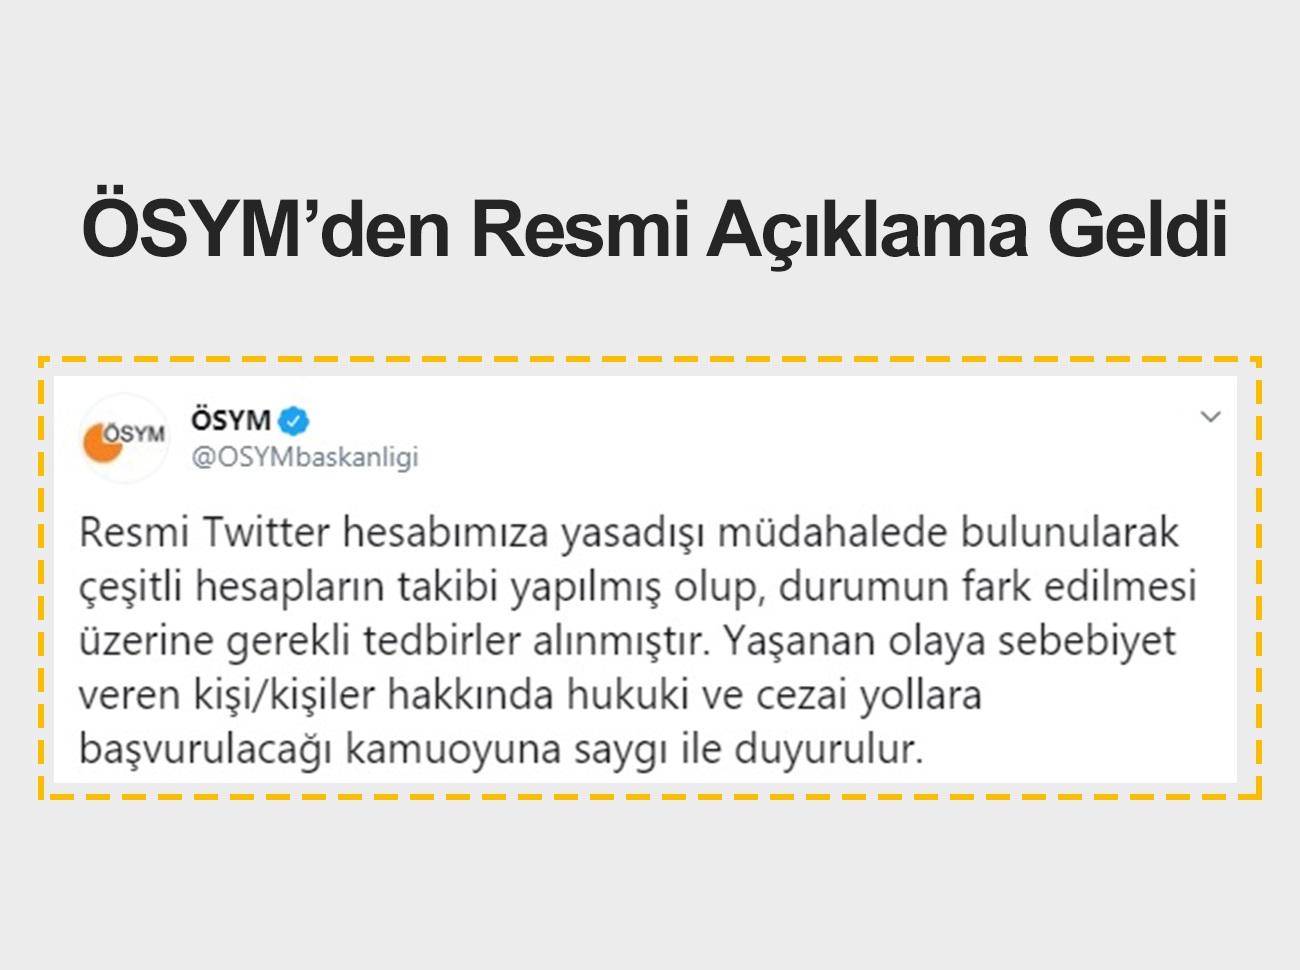 ÖSYM Twitter'da Takip Ettiği +18 Hesap Hakkında Açıklama Yaptı